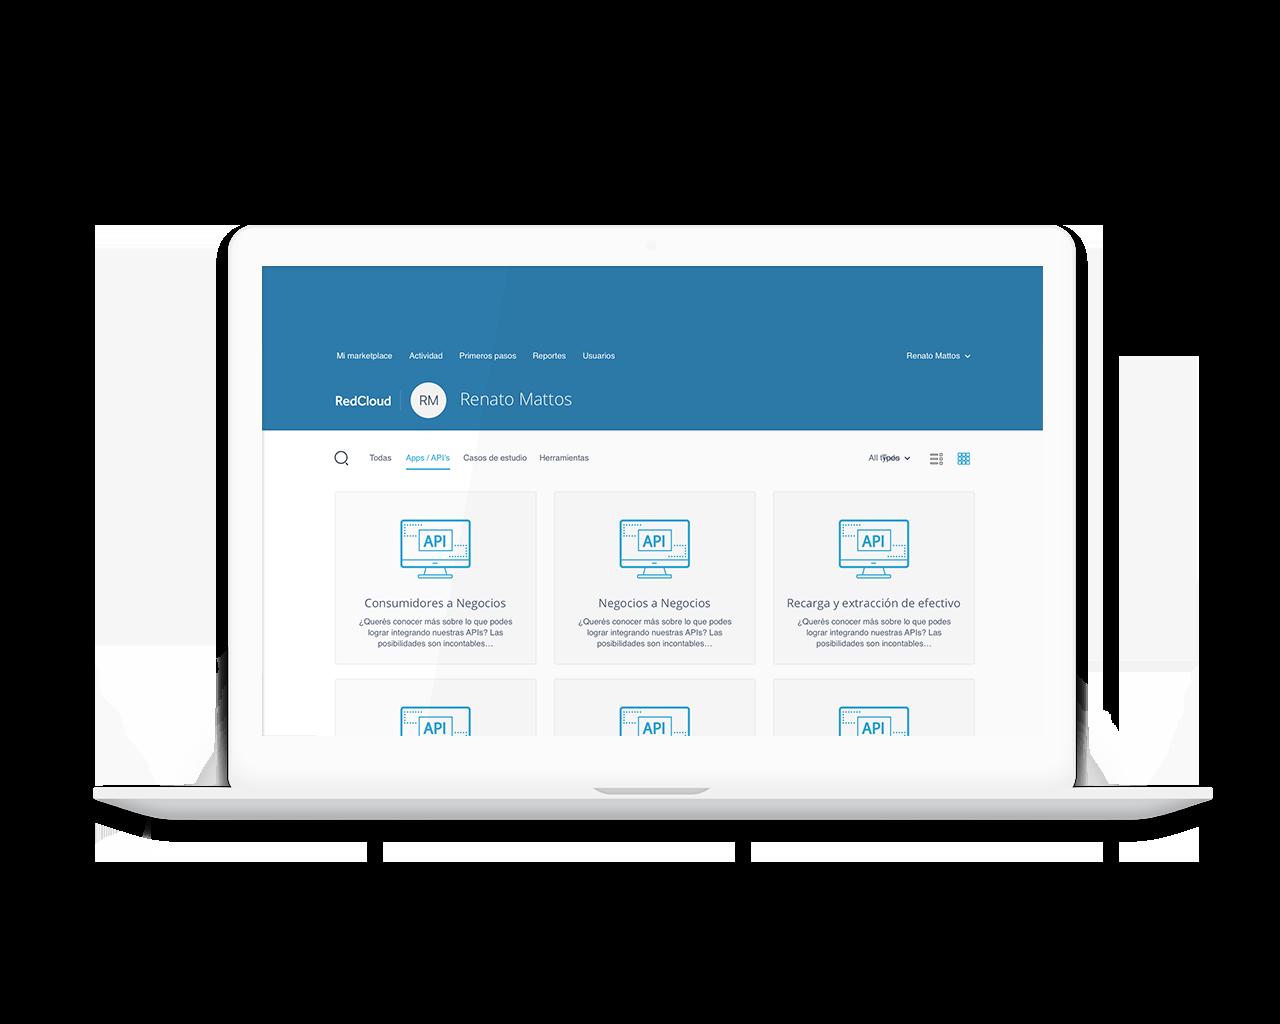 Módulo de Integración Inteligente - Tecnología actualizable a través de integraciones de API abiertas y seguras.Integración rápida, constante y rentable con terceros.